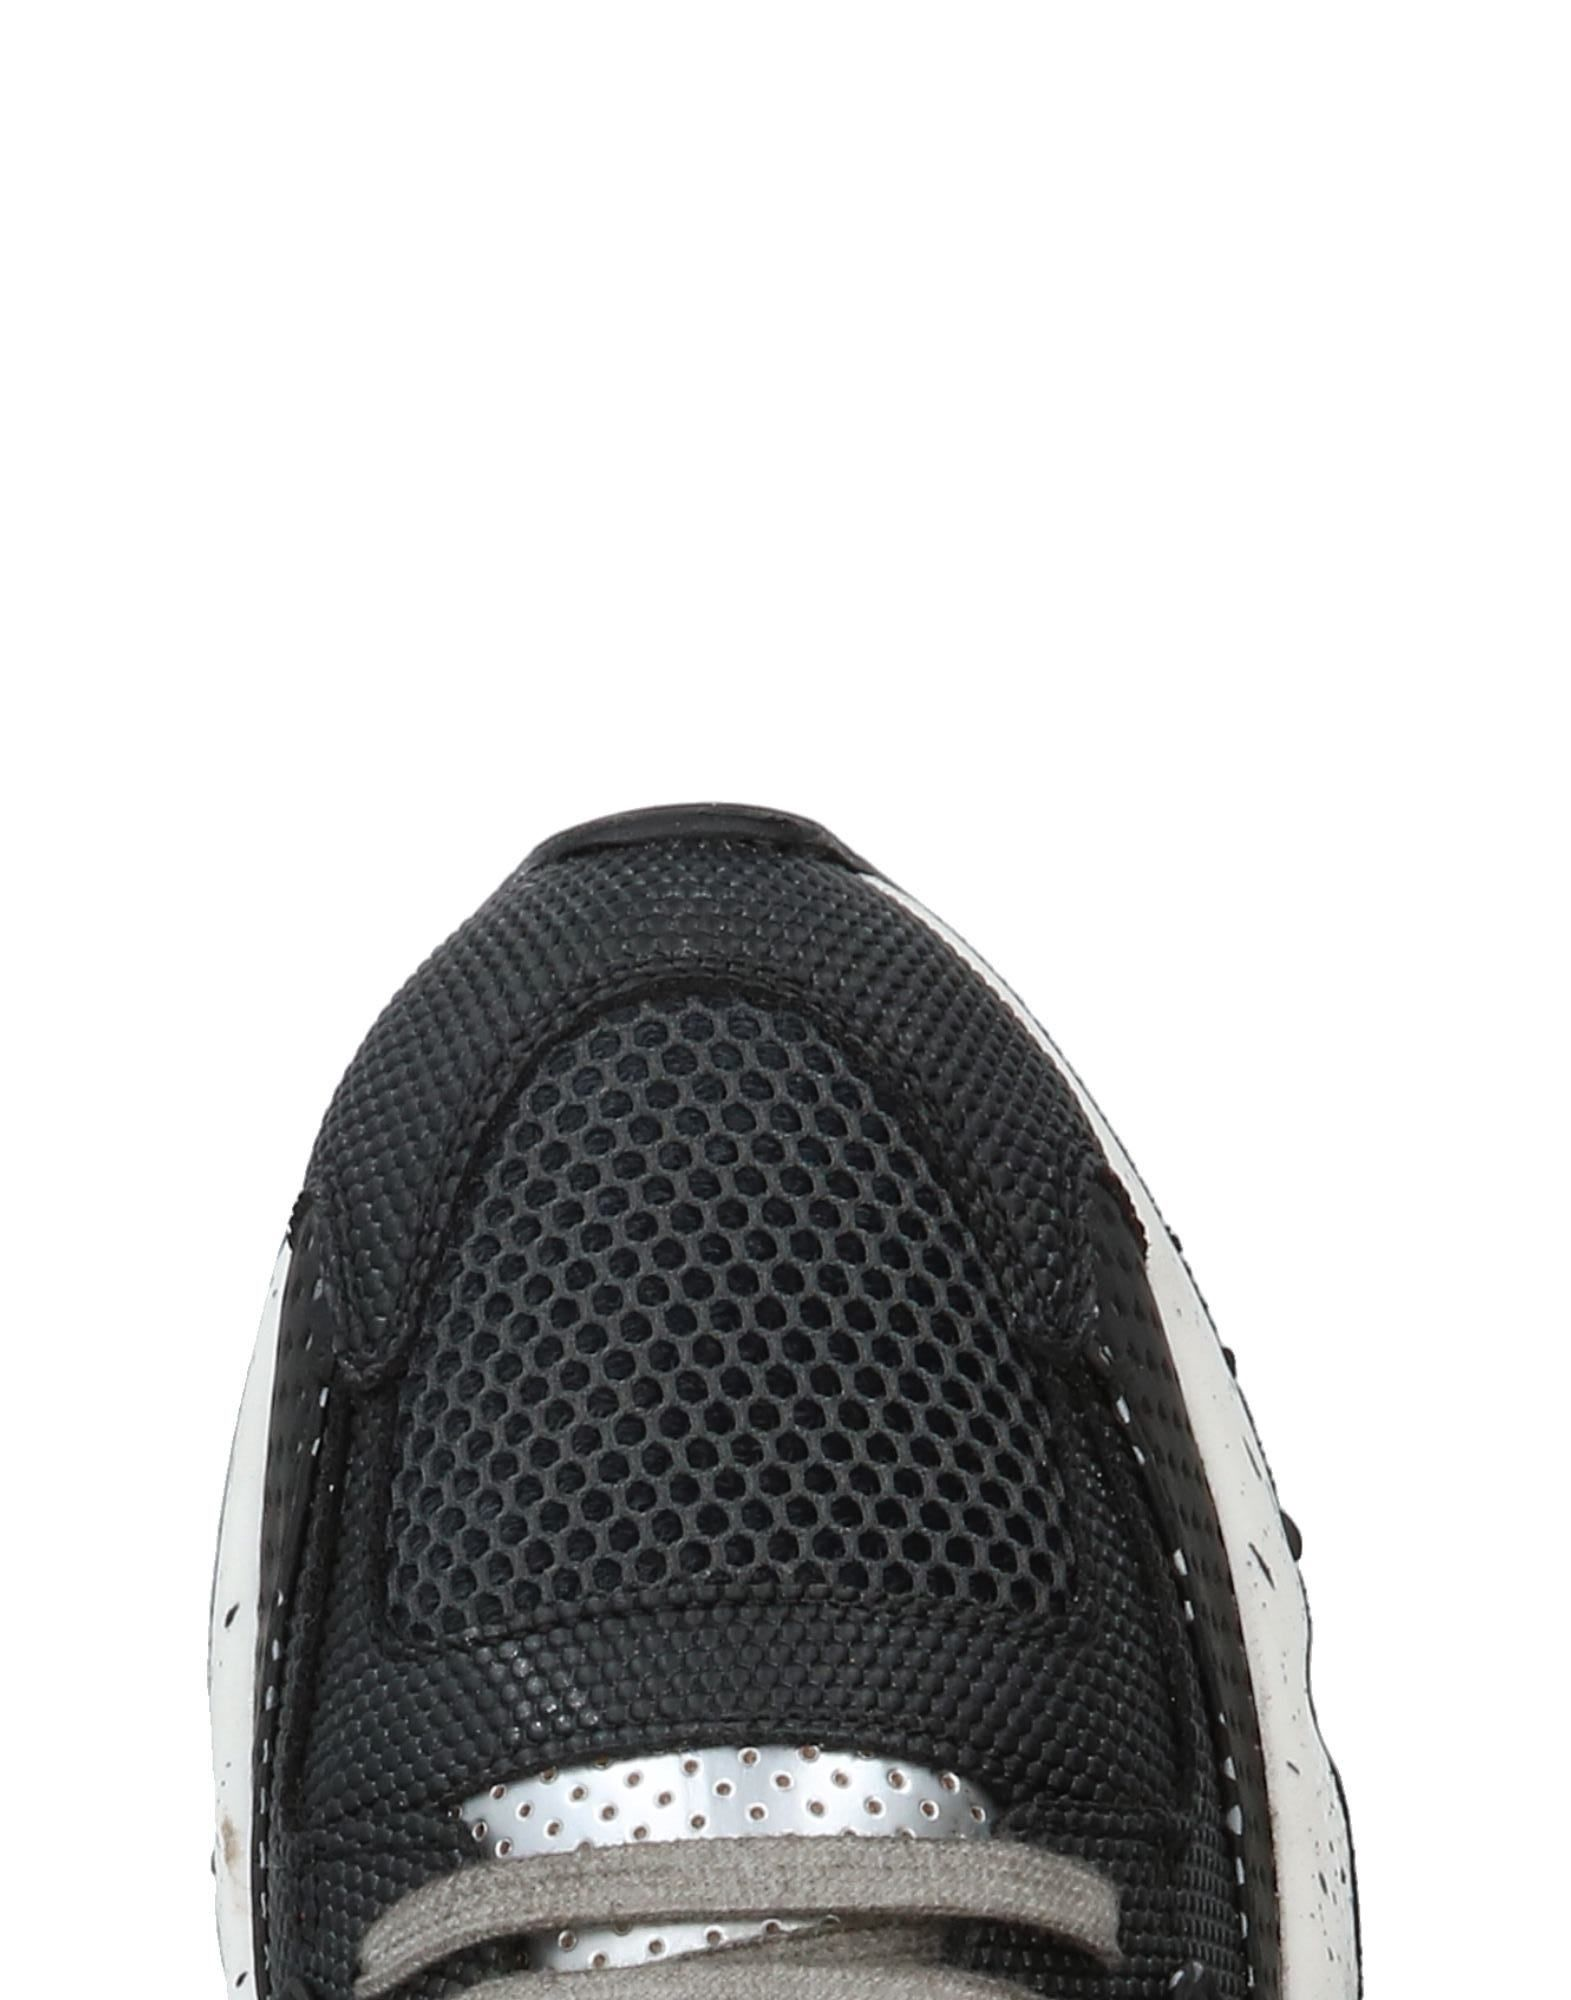 ... Rabatt Herren echte Schuhe P448 Sneakers Herren Rabatt 11353243PG 51805f e19faa7292